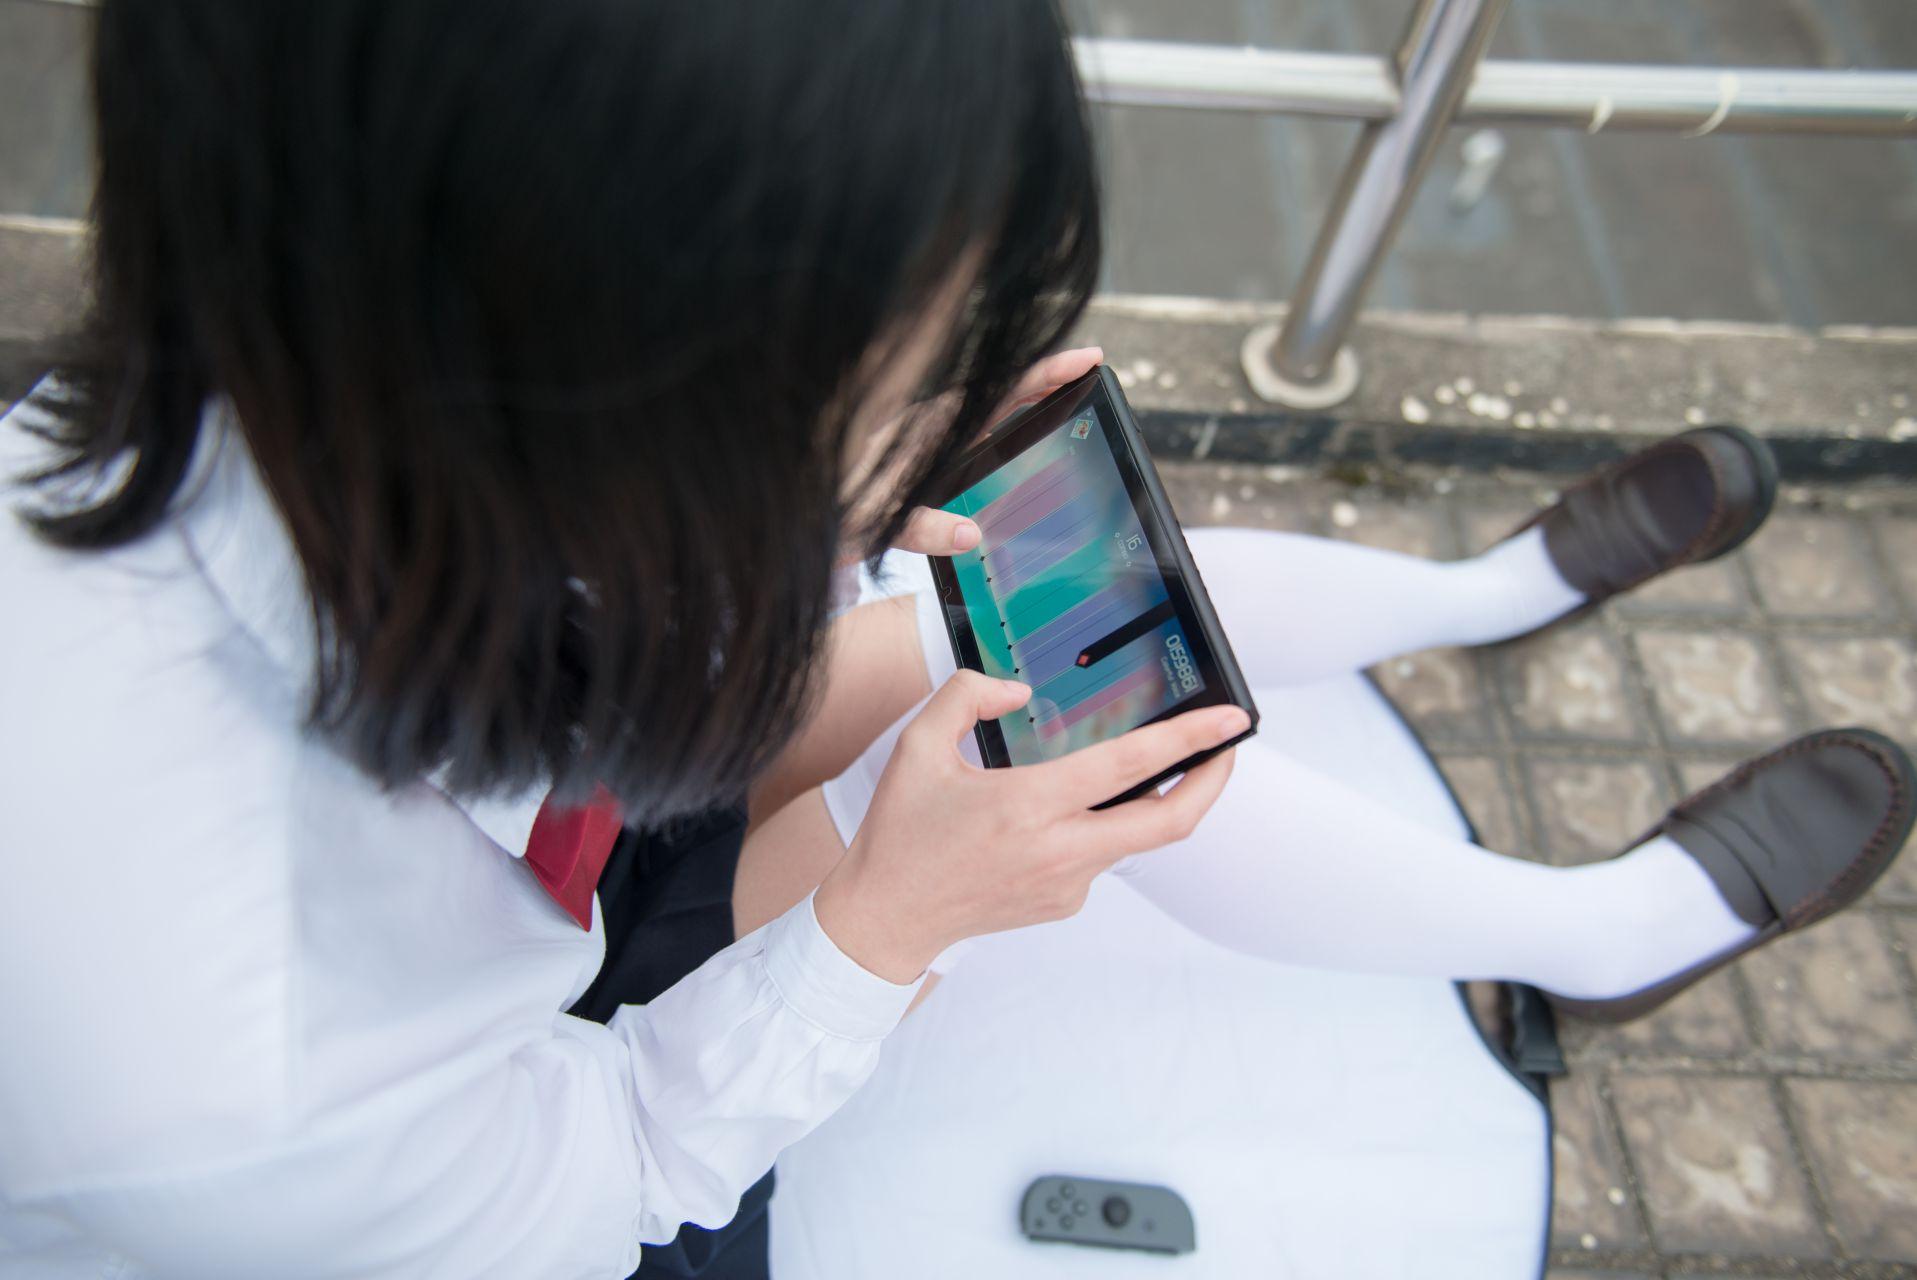 少女秩序 VOL.013 放学游戏PLAY 兔玩映画 第24张